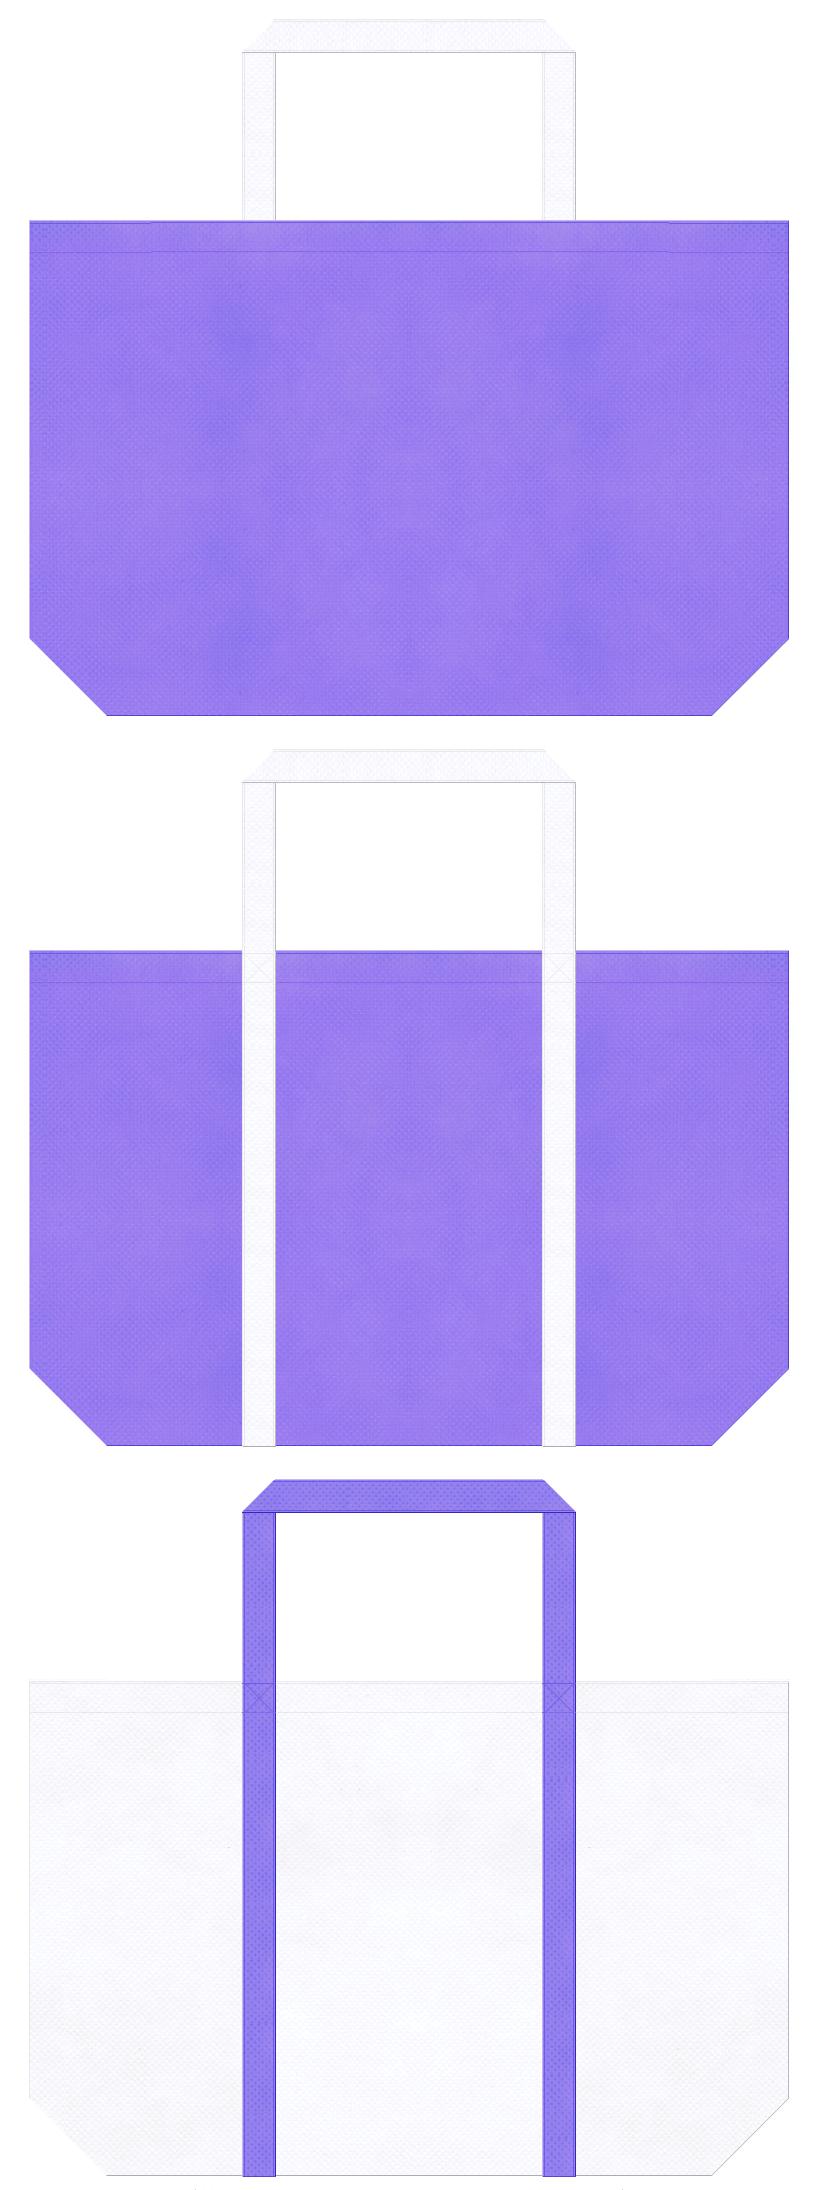 パステルカラーの不織布ショッピングバッグ:薄紫色と白色のデザイン